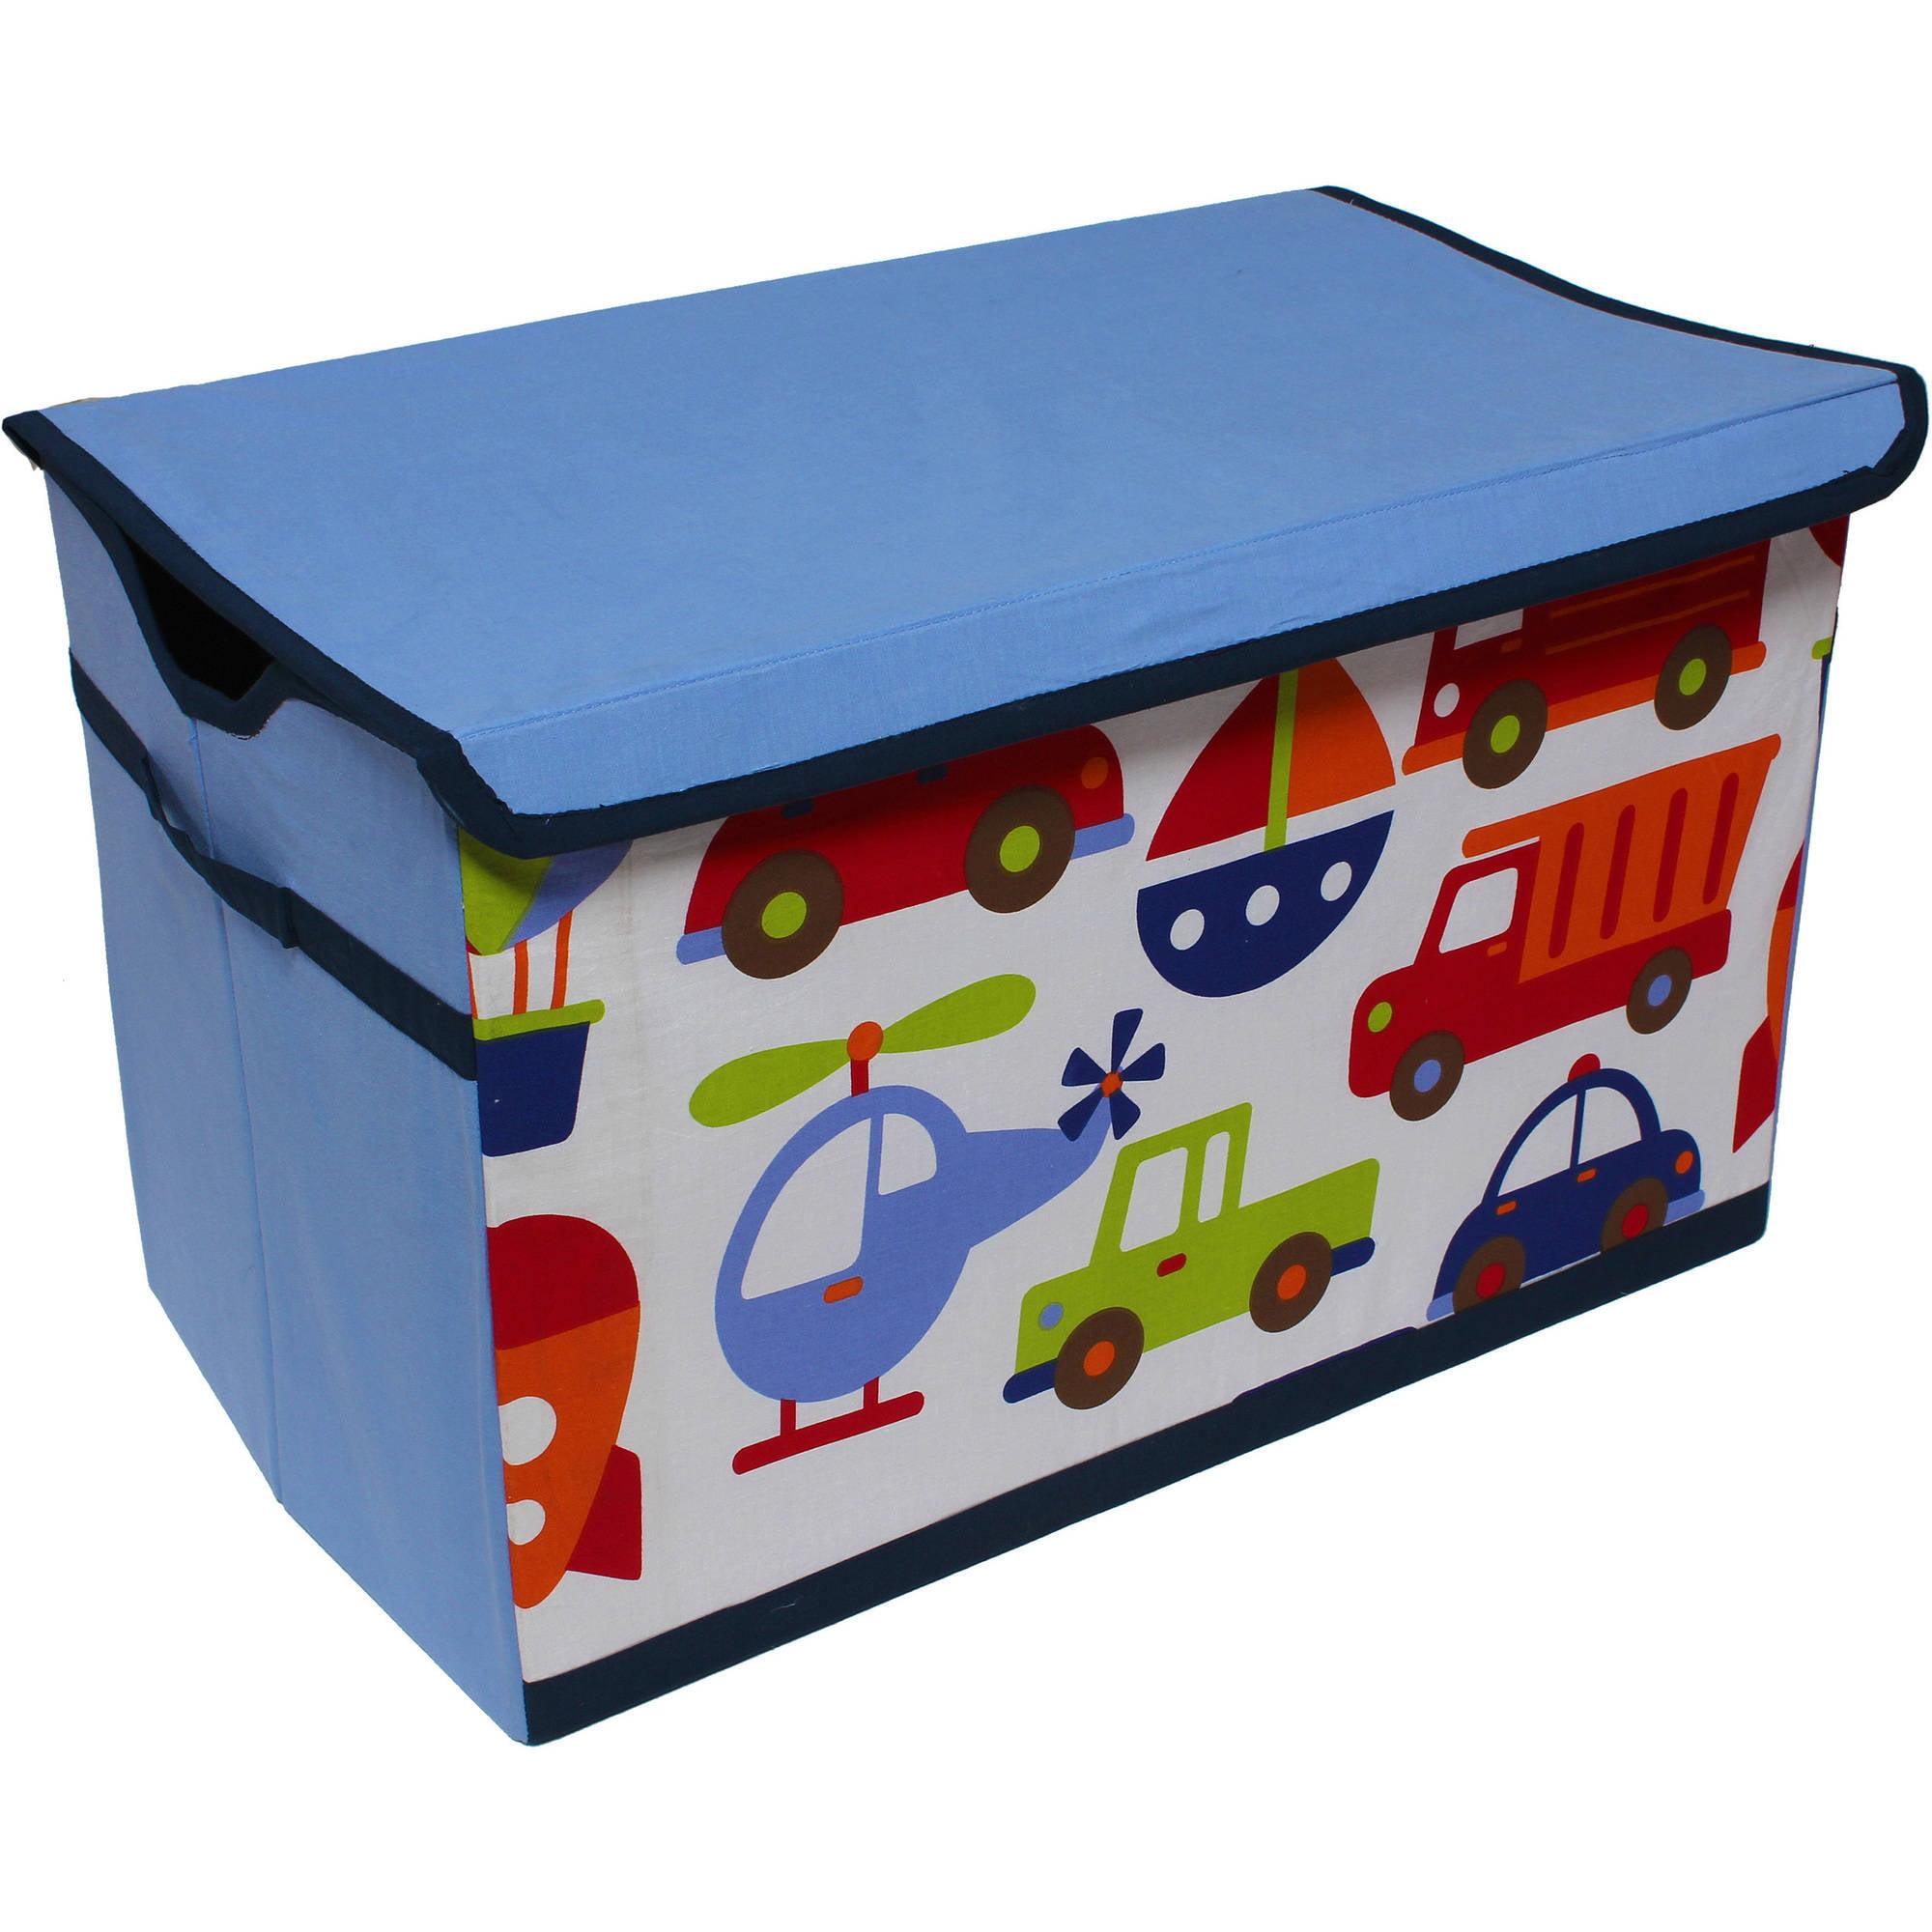 Bacati - Transportation Storage Toy Chest